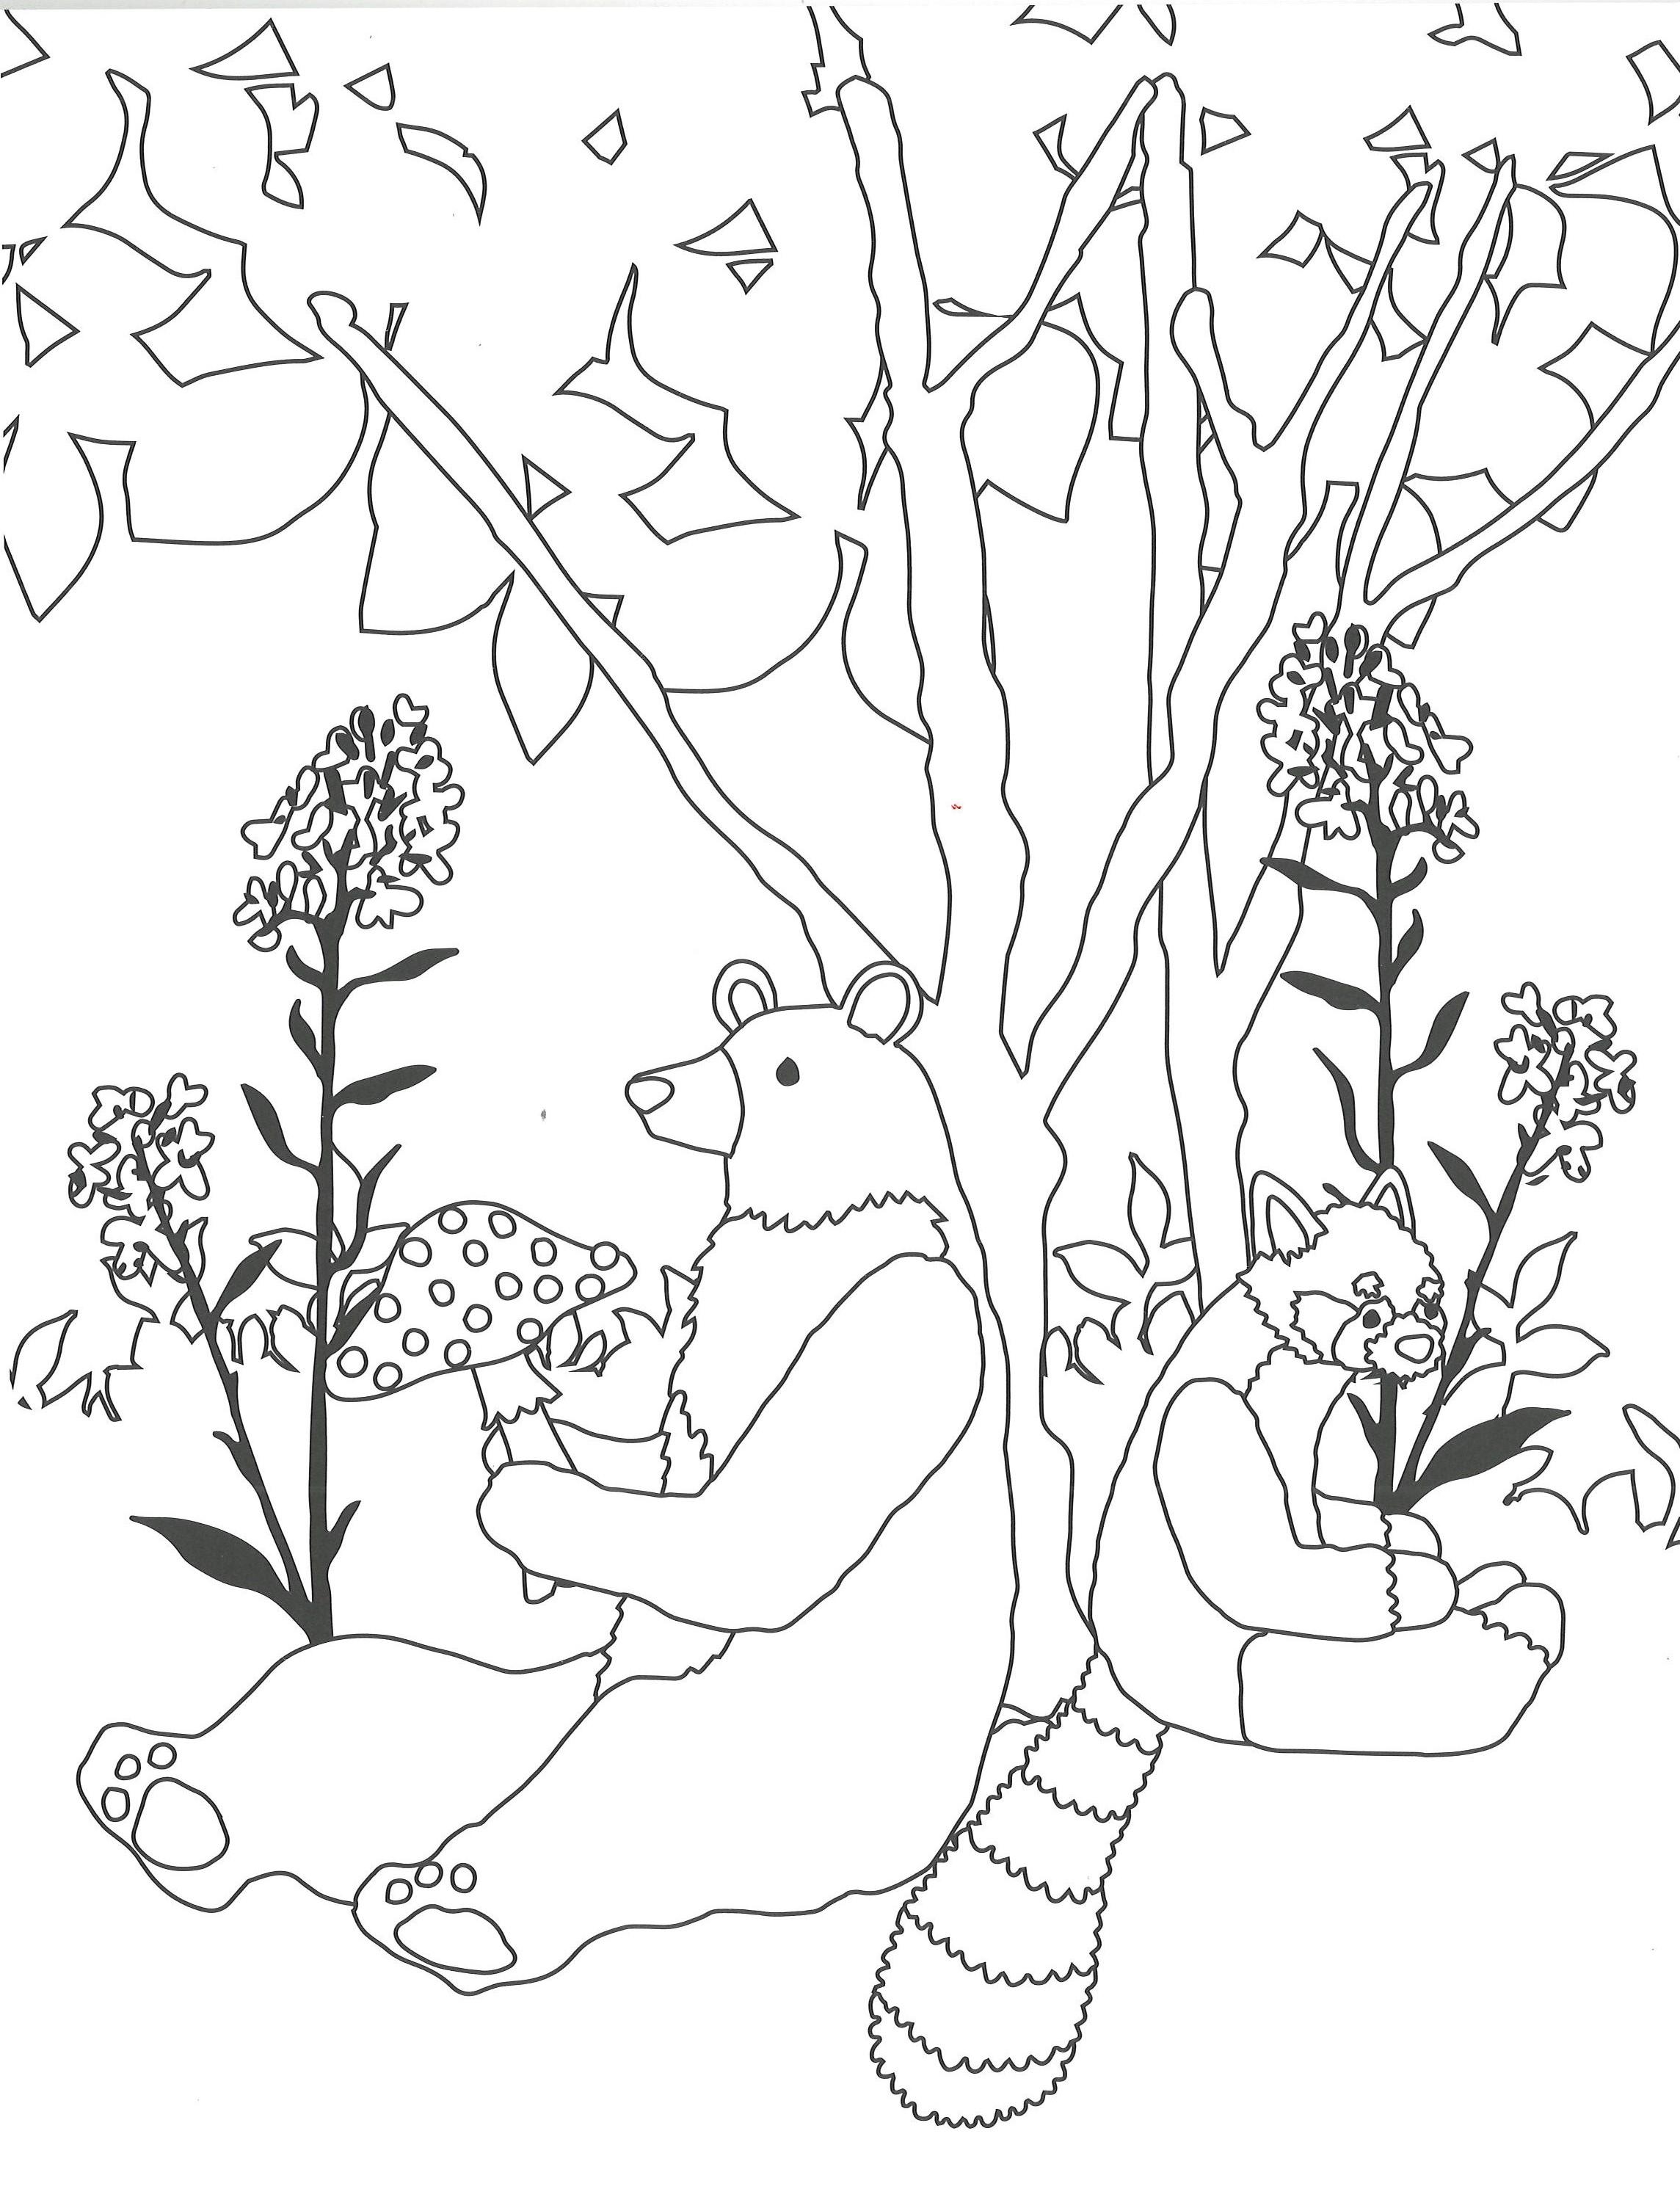 「動物を中心とした幻想的な絵柄」紙面